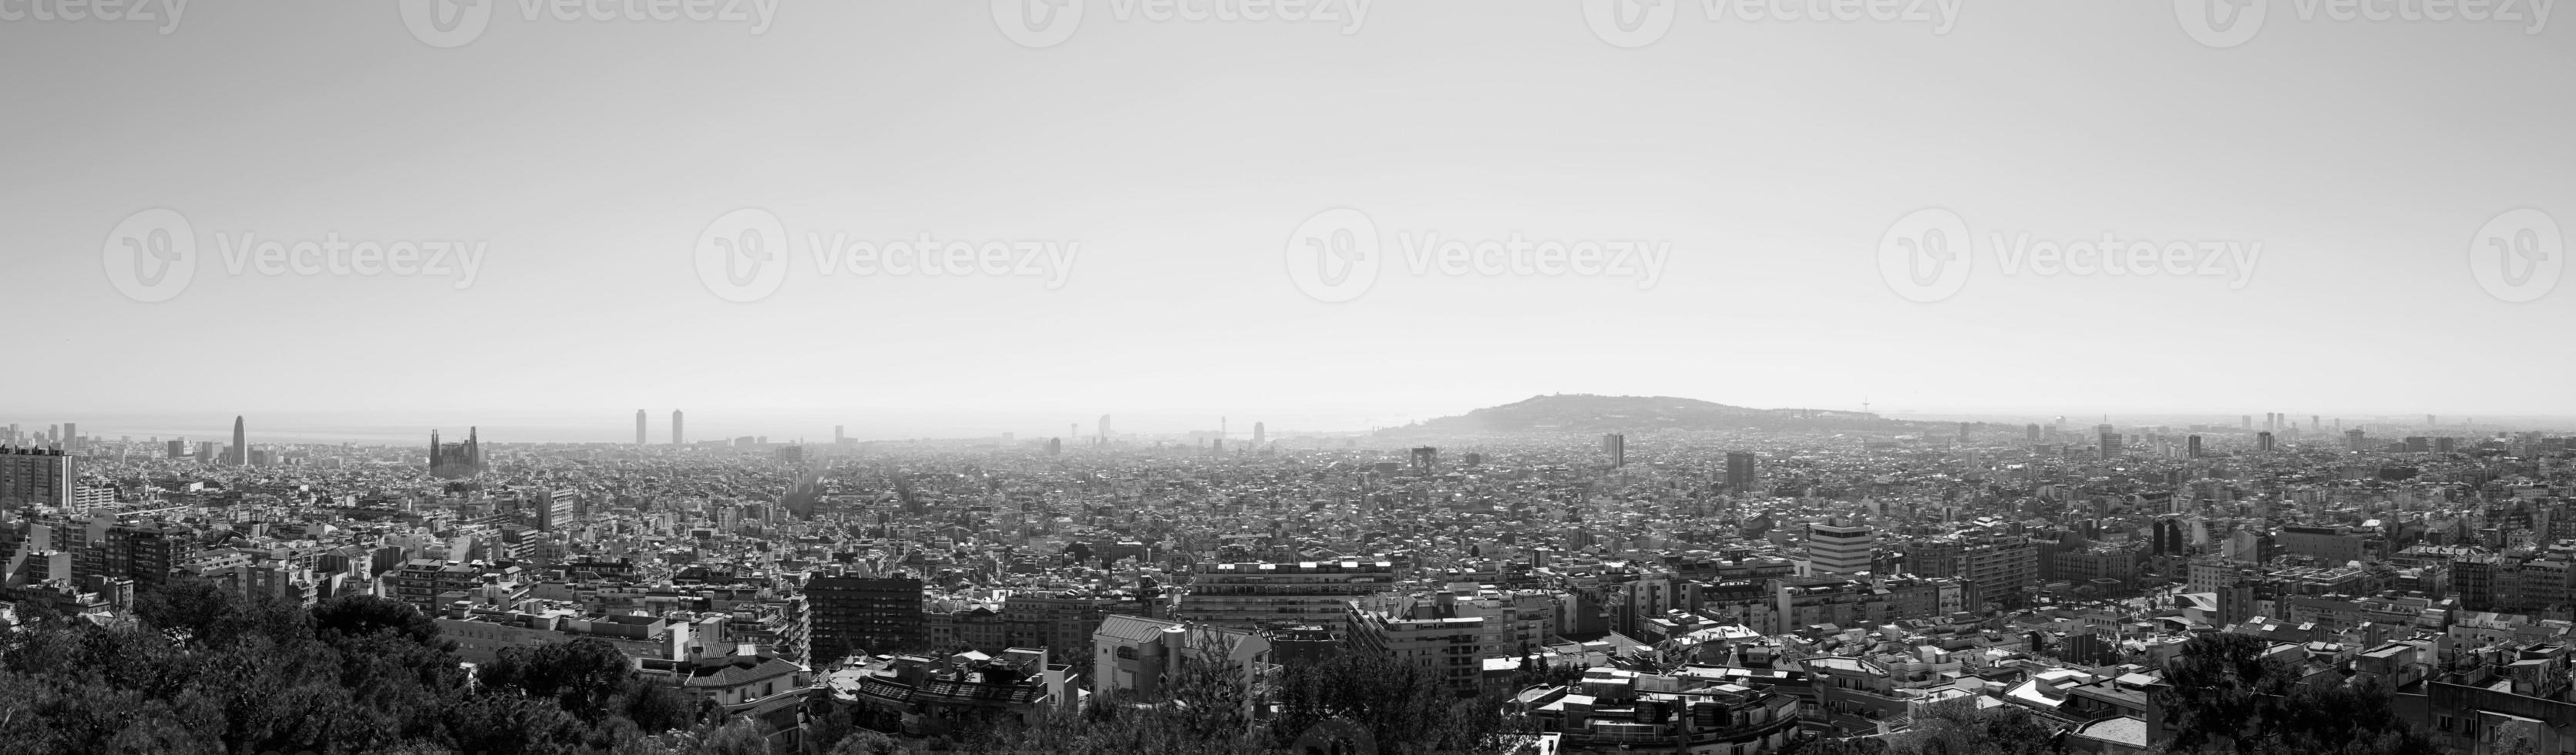 panoramisch uitzicht over barcelona en de Middellandse Zee foto